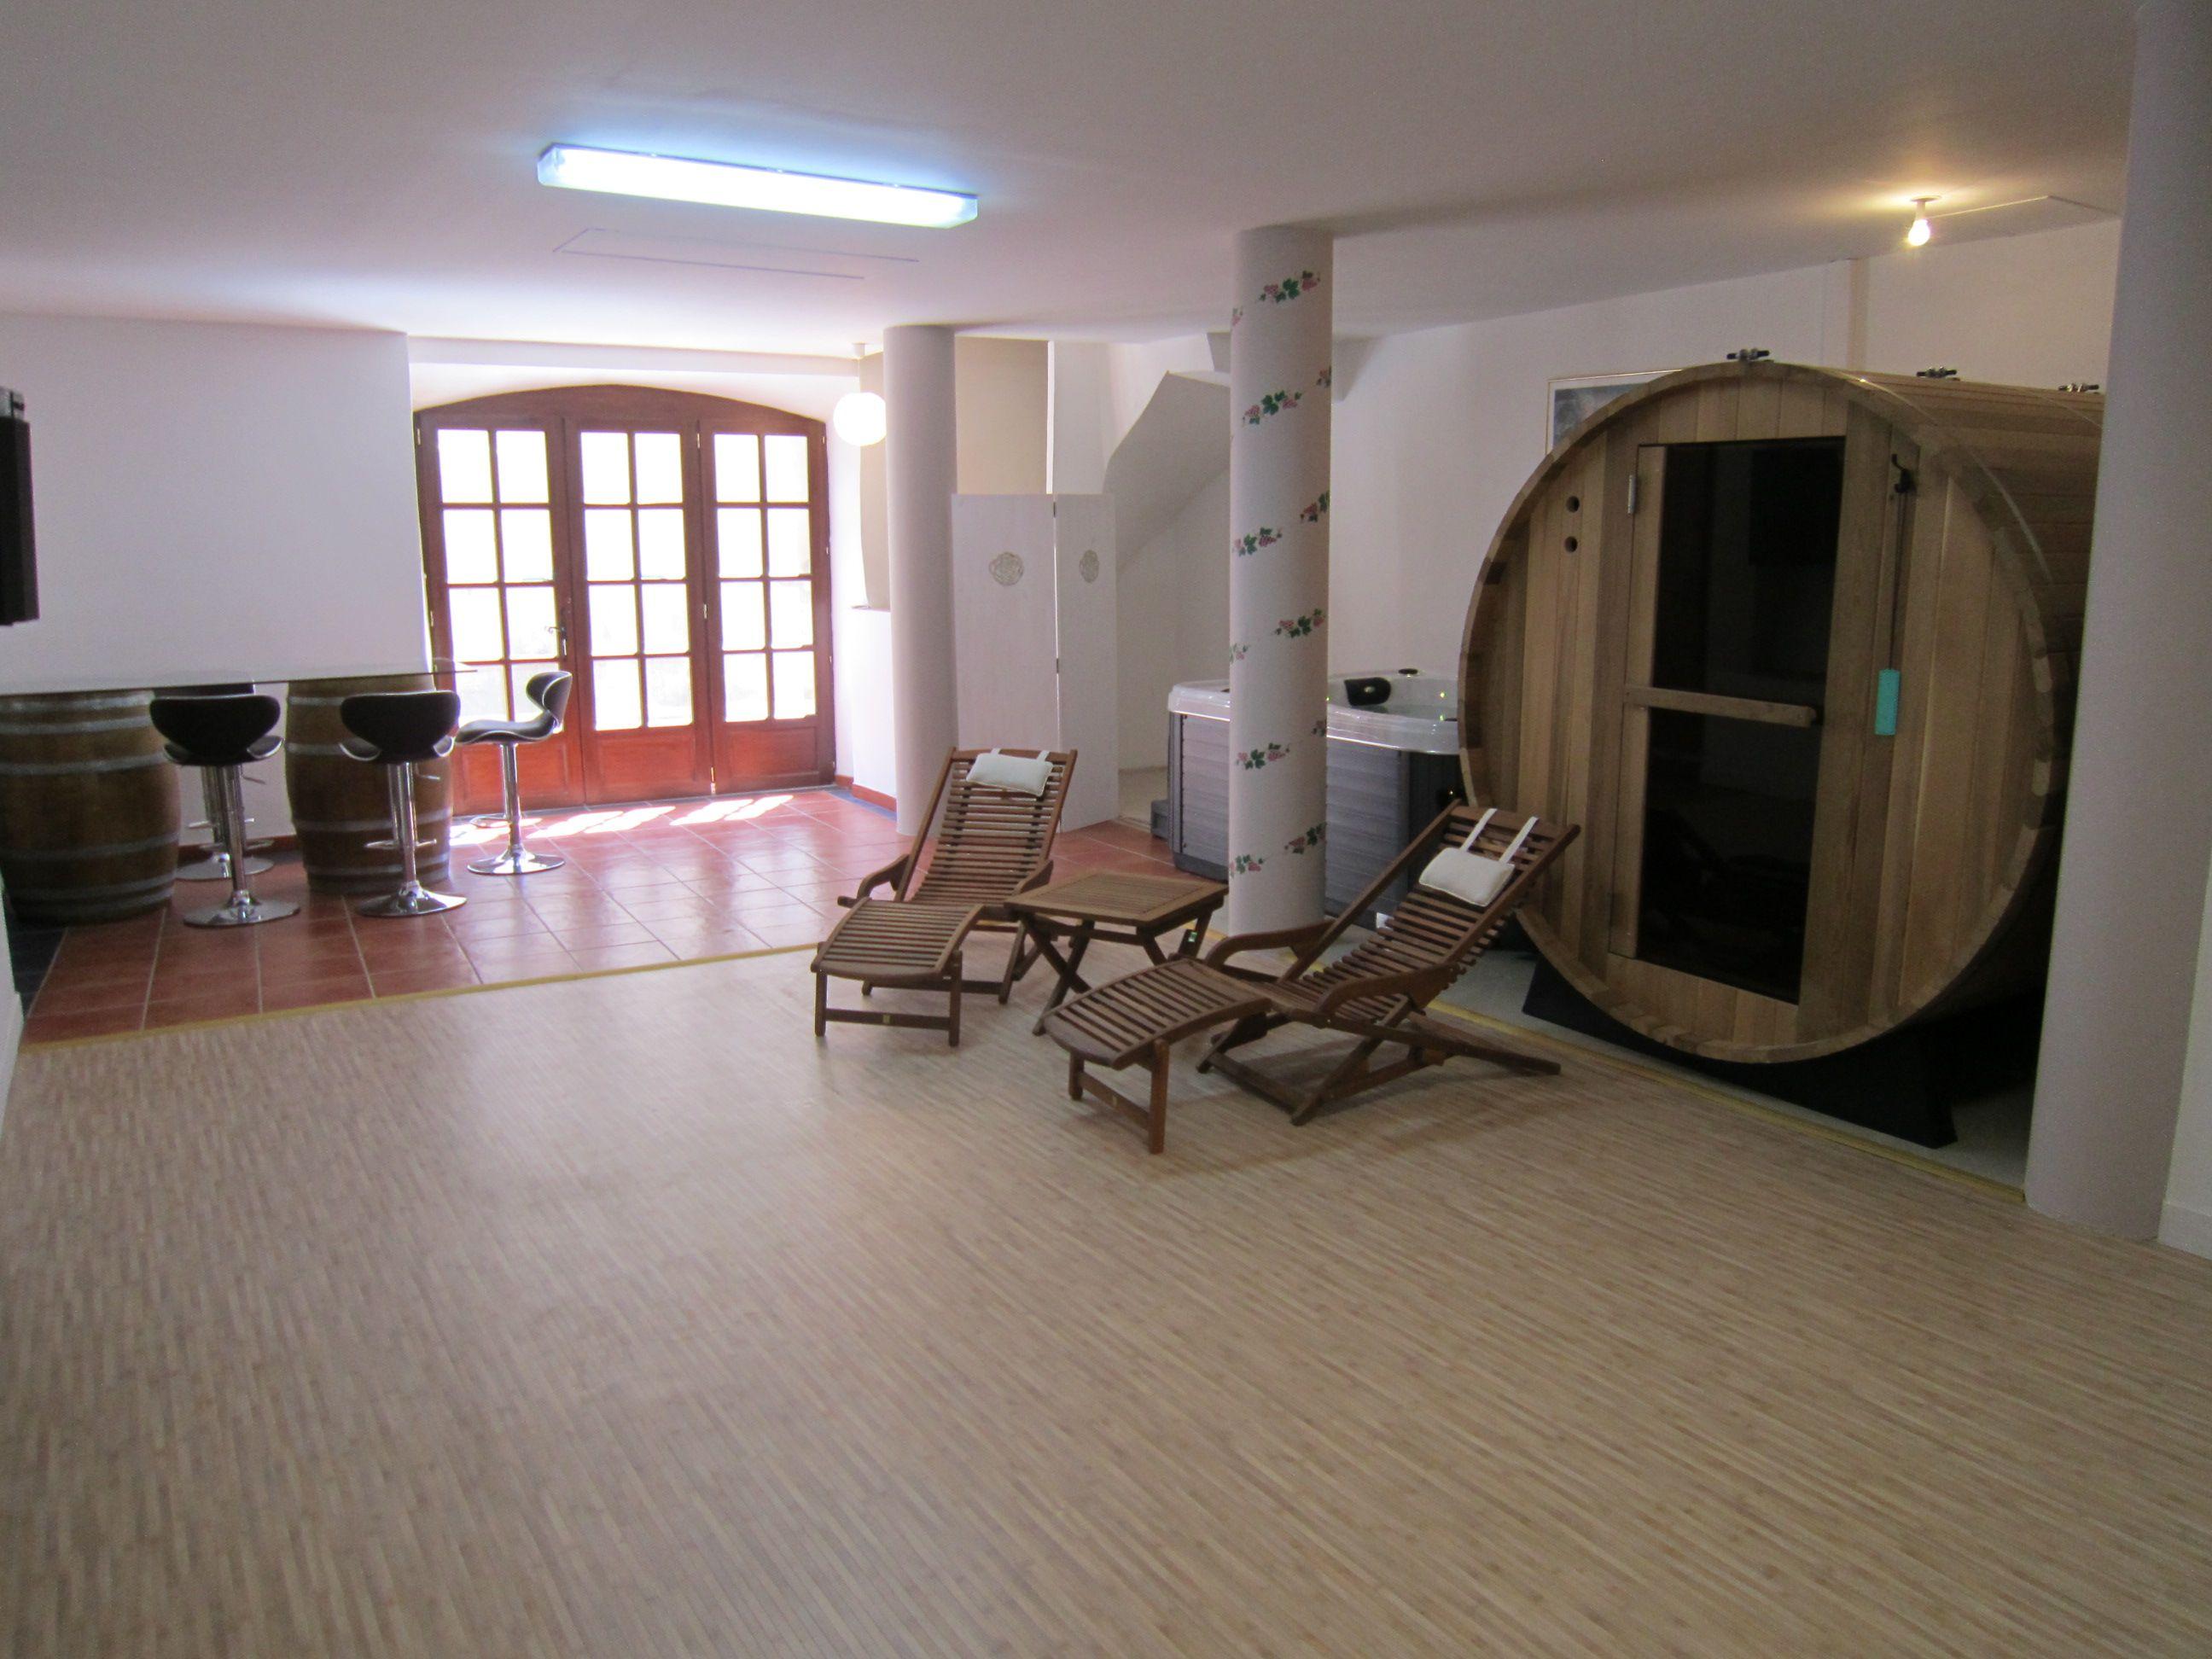 Sauna Hot Tub Jacuzzi 3 rue St Jean Belvedere Quarante